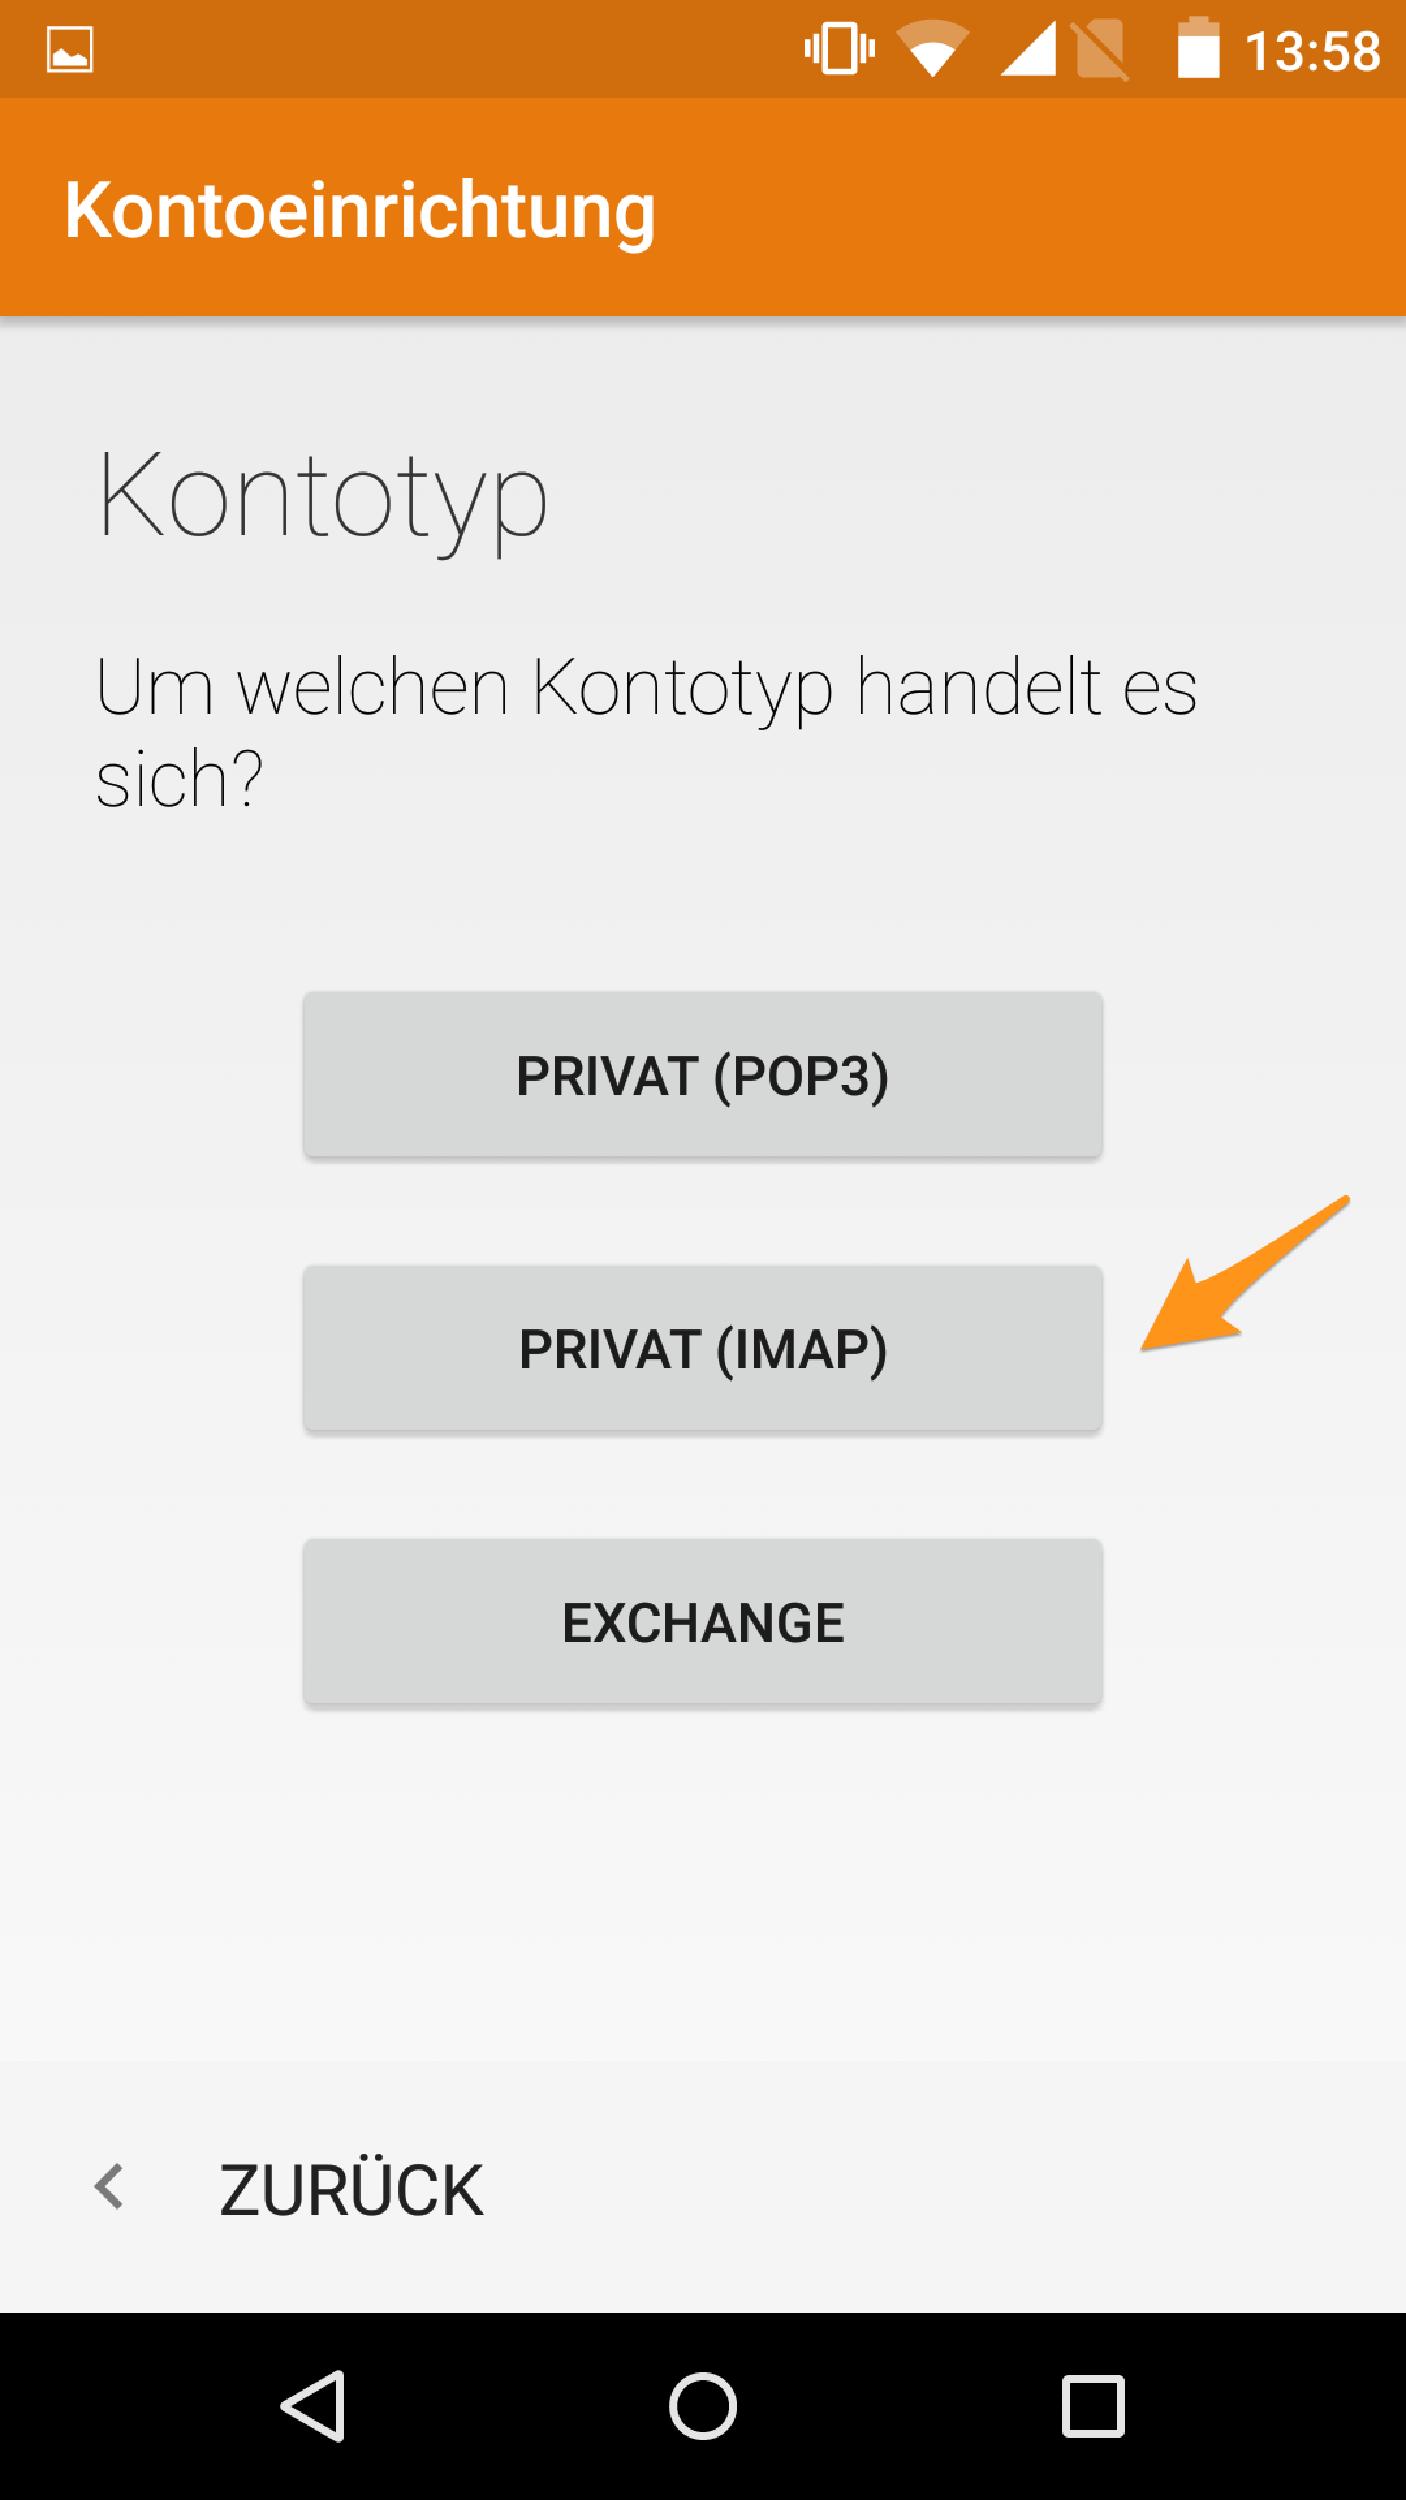 Wählen Sie «Privat (IMAP)» und bestätigen Sie die Eingabe